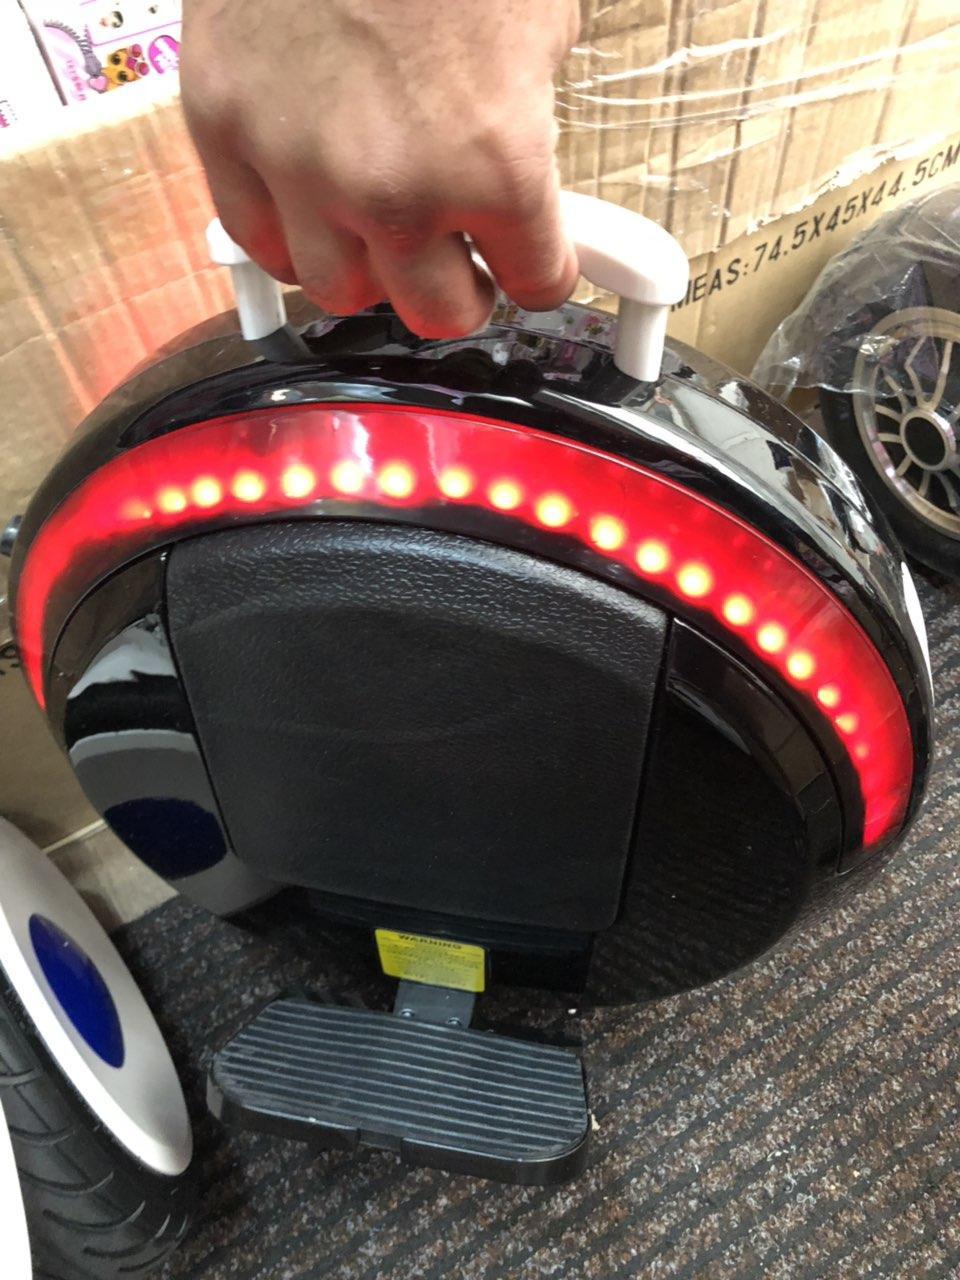 """Моноколесо 14""""  Segway one E+ с вспомогательными колесами, подсветкой. Моноцикл сигвей, гироскутер, гироборд. Черная"""